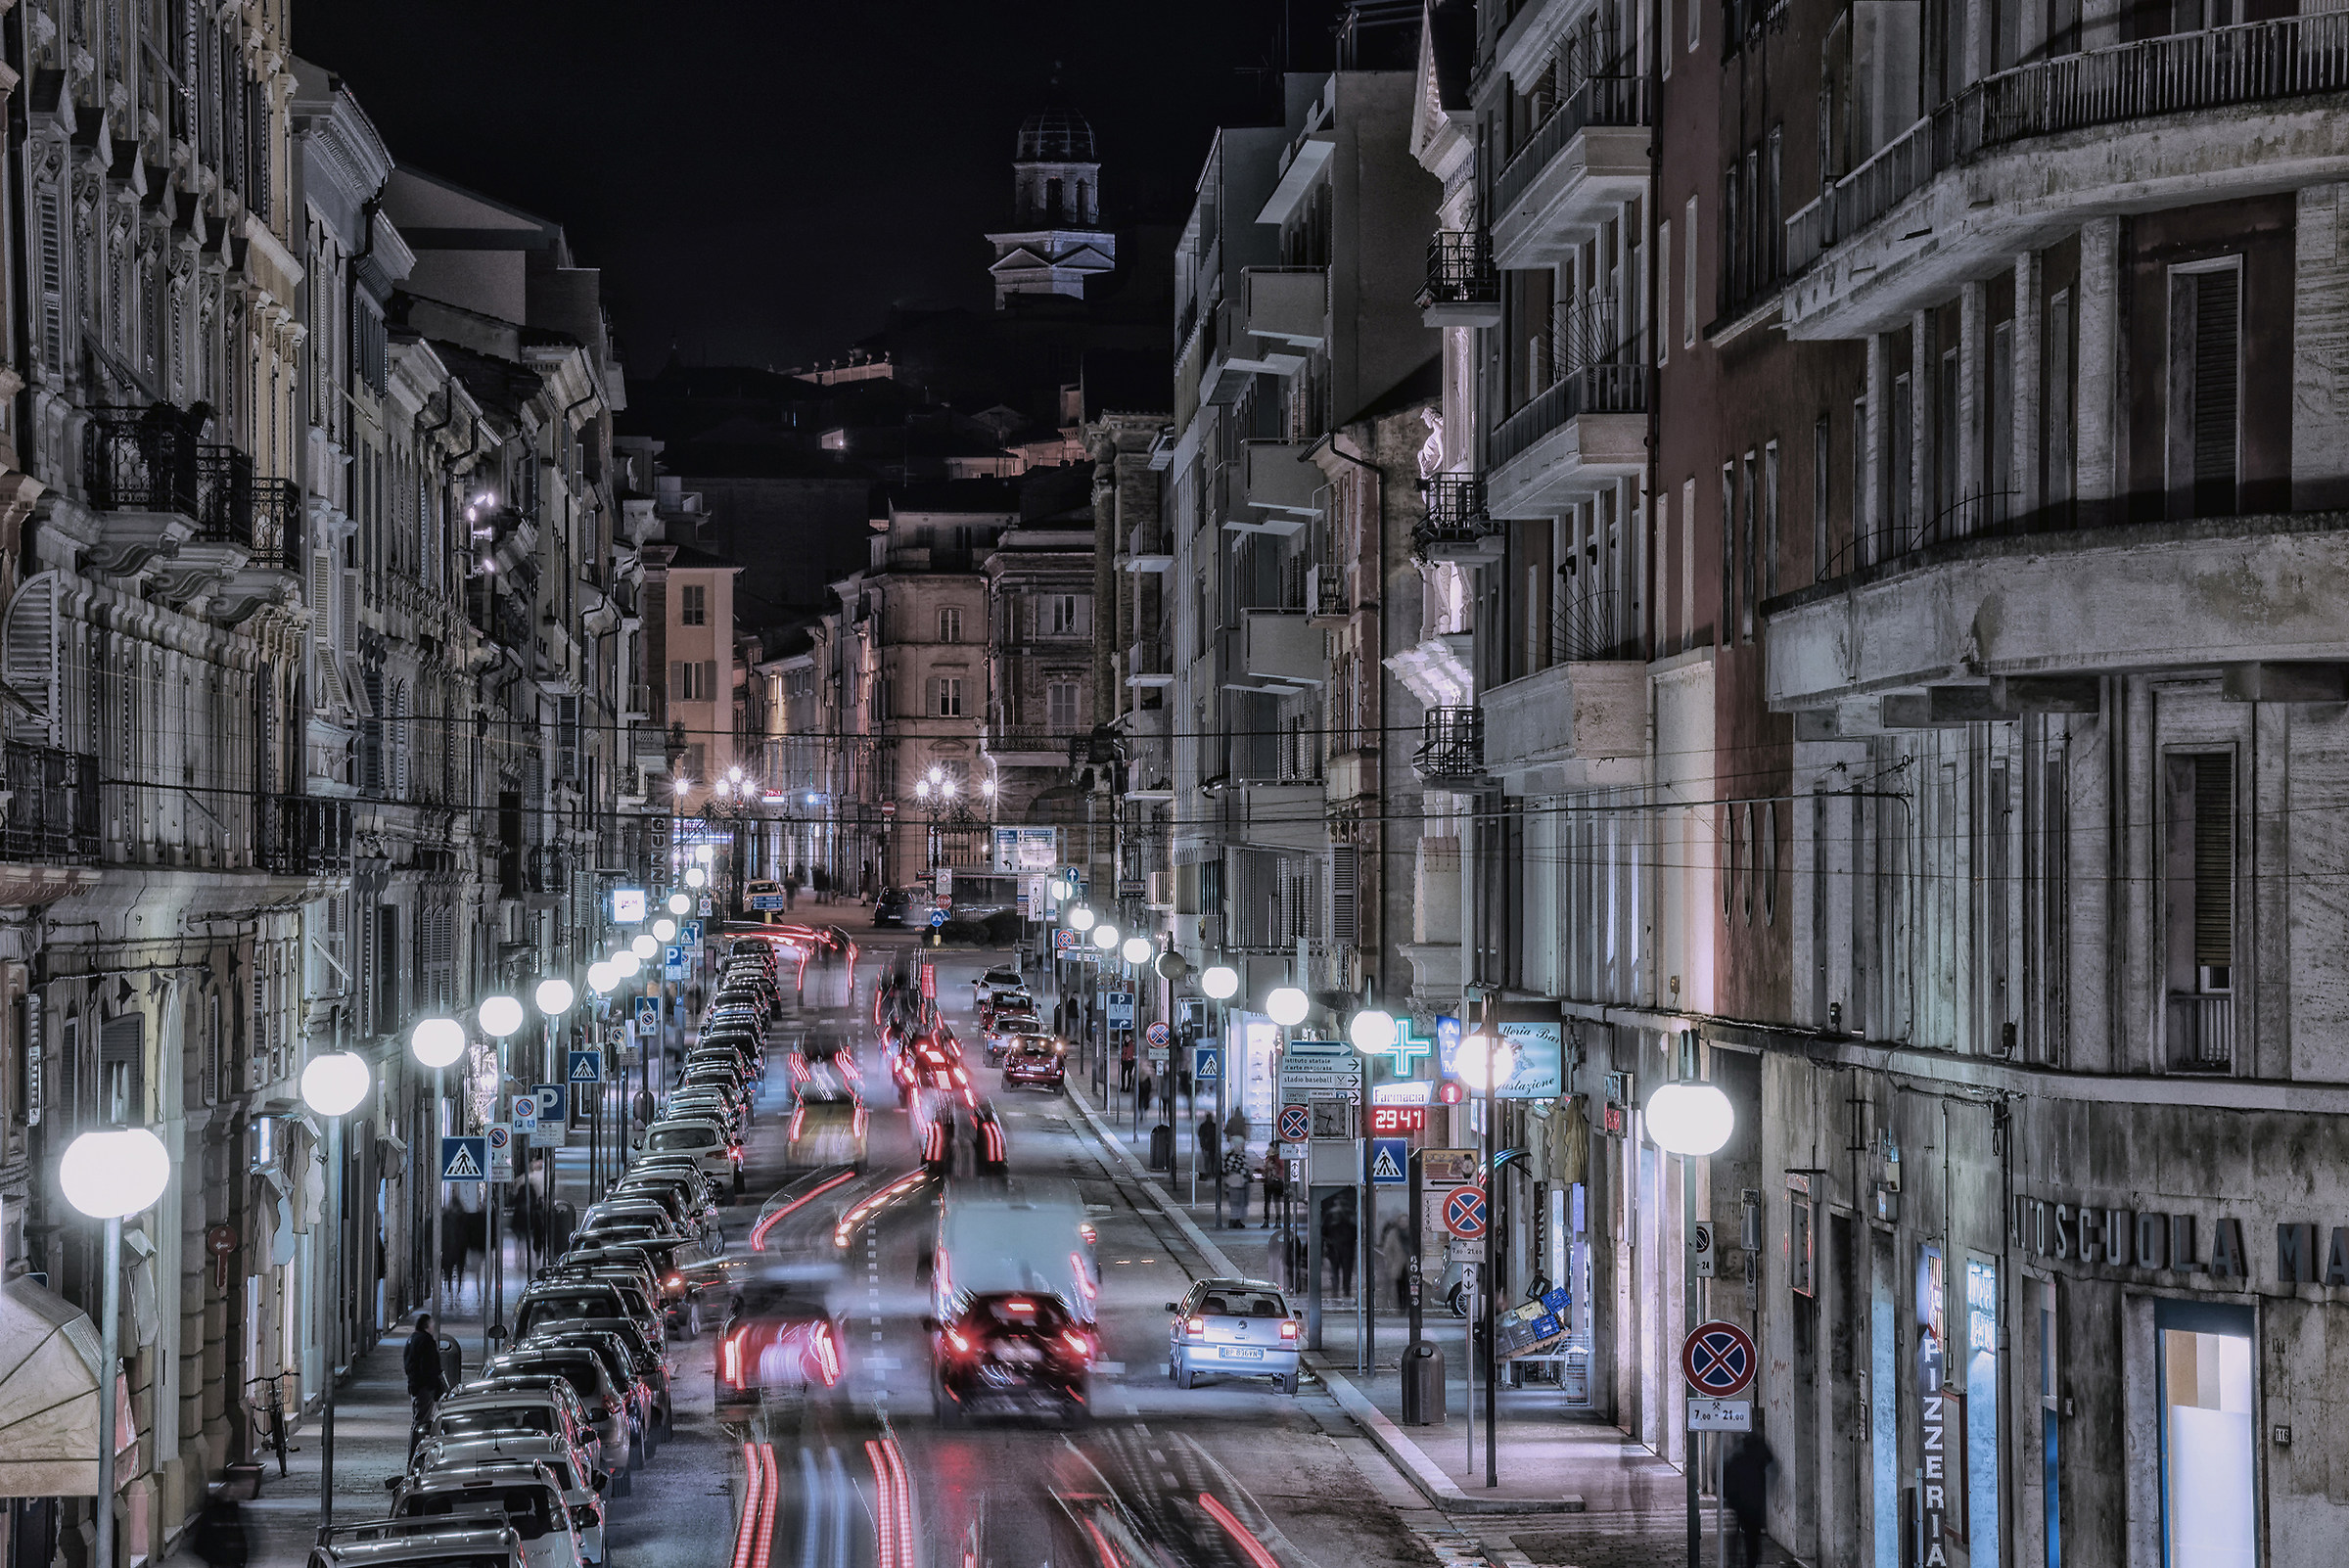 La mia città...